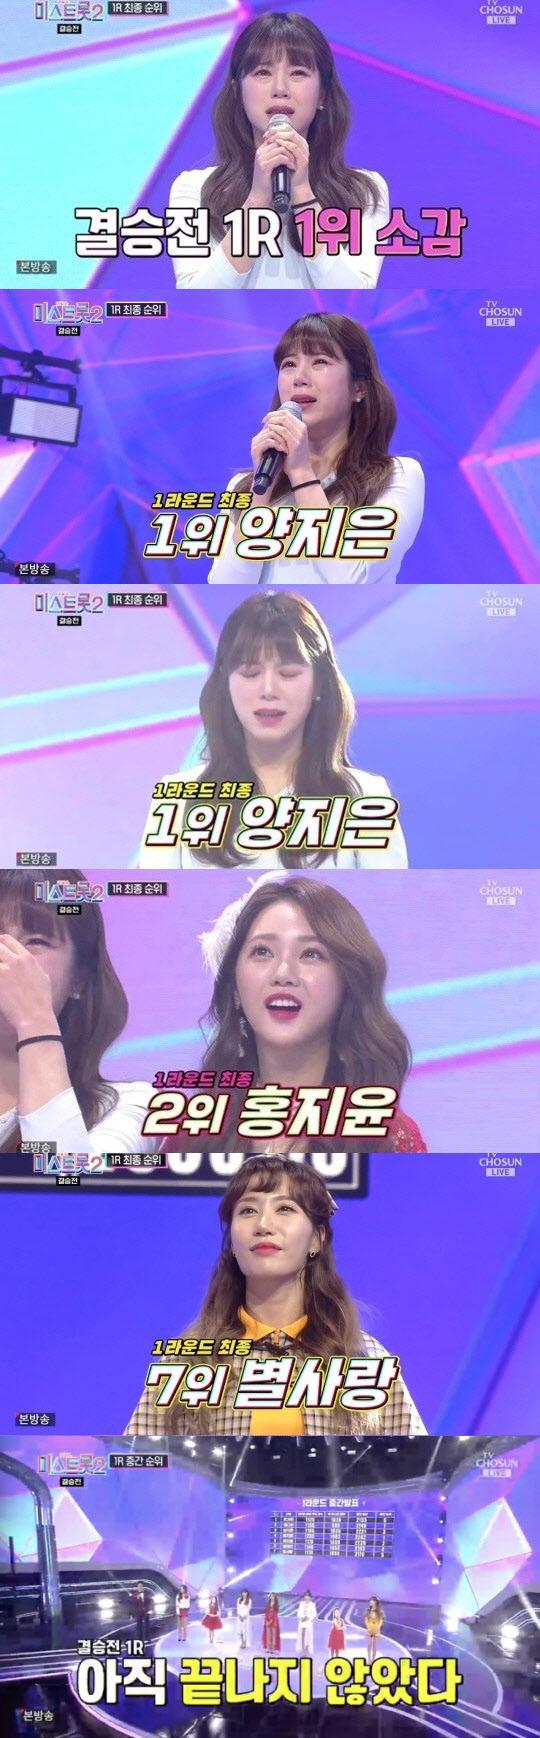 """'미스트롯2' 양지은, 결승1R 최종 1위…""""眞만큼 기뻐"""" 눈물"""